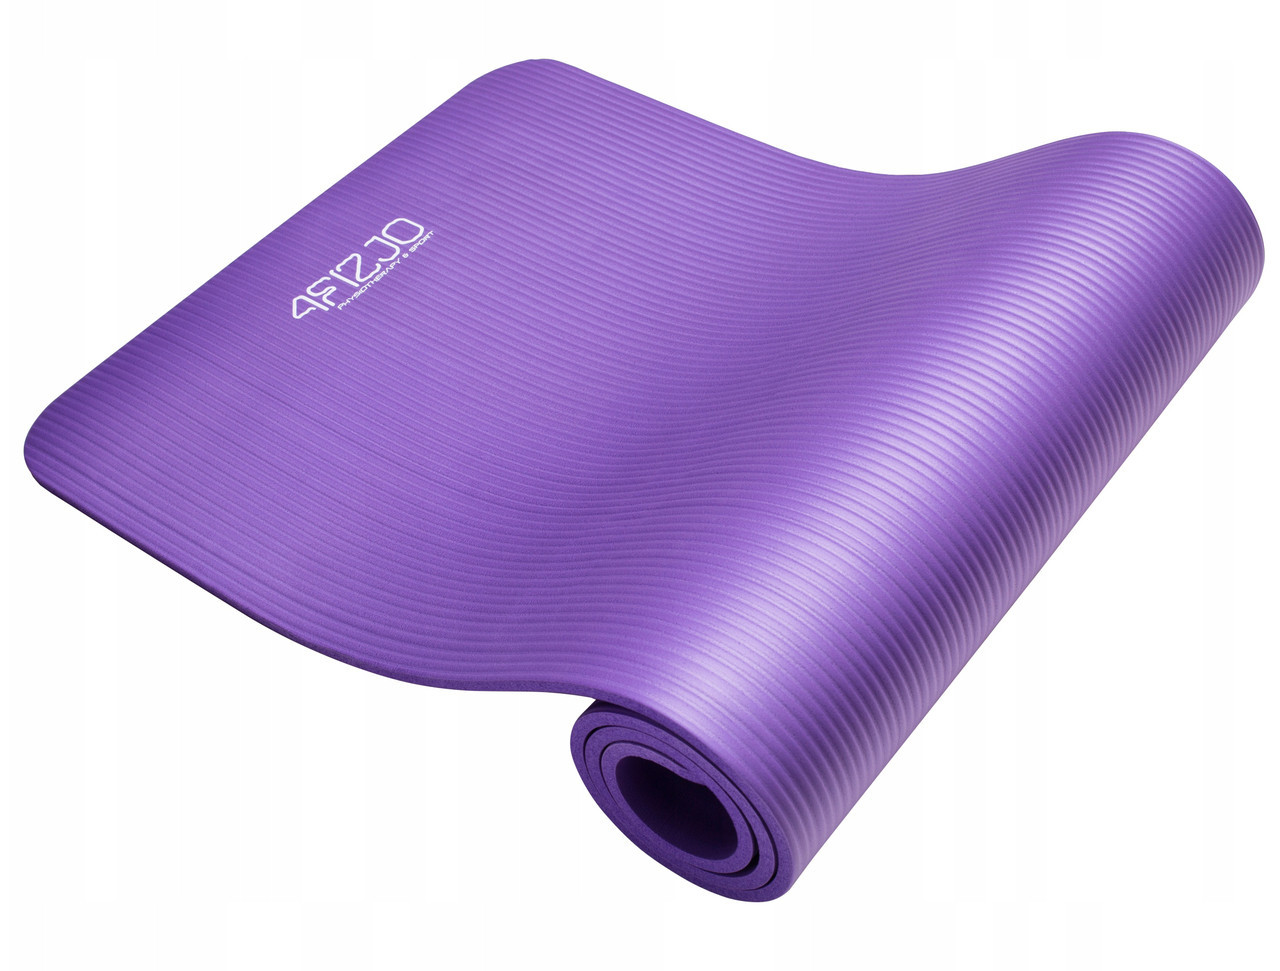 Коврик (мат) для йоги и фитнеса 4FIZJO NBR 1 см 4FJ0016 Violet